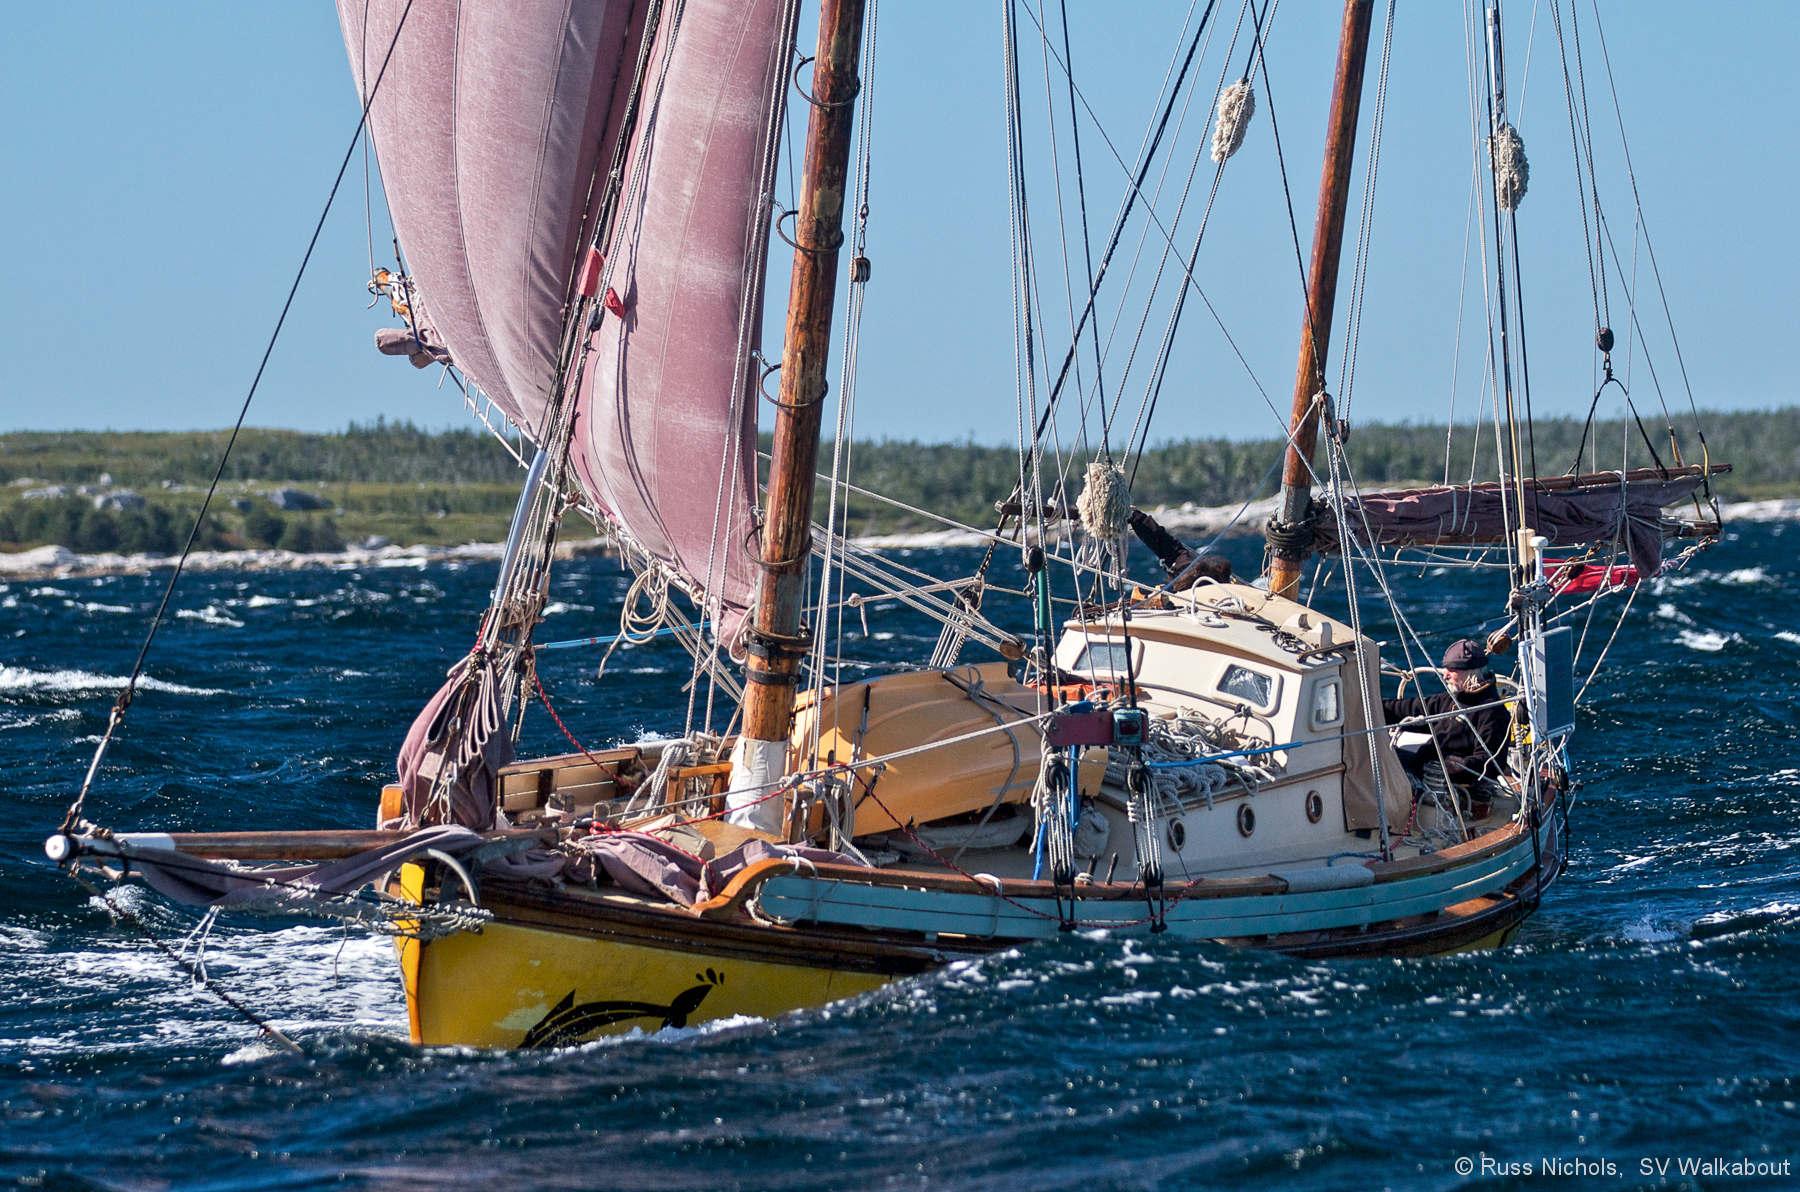 Sailing boats photo